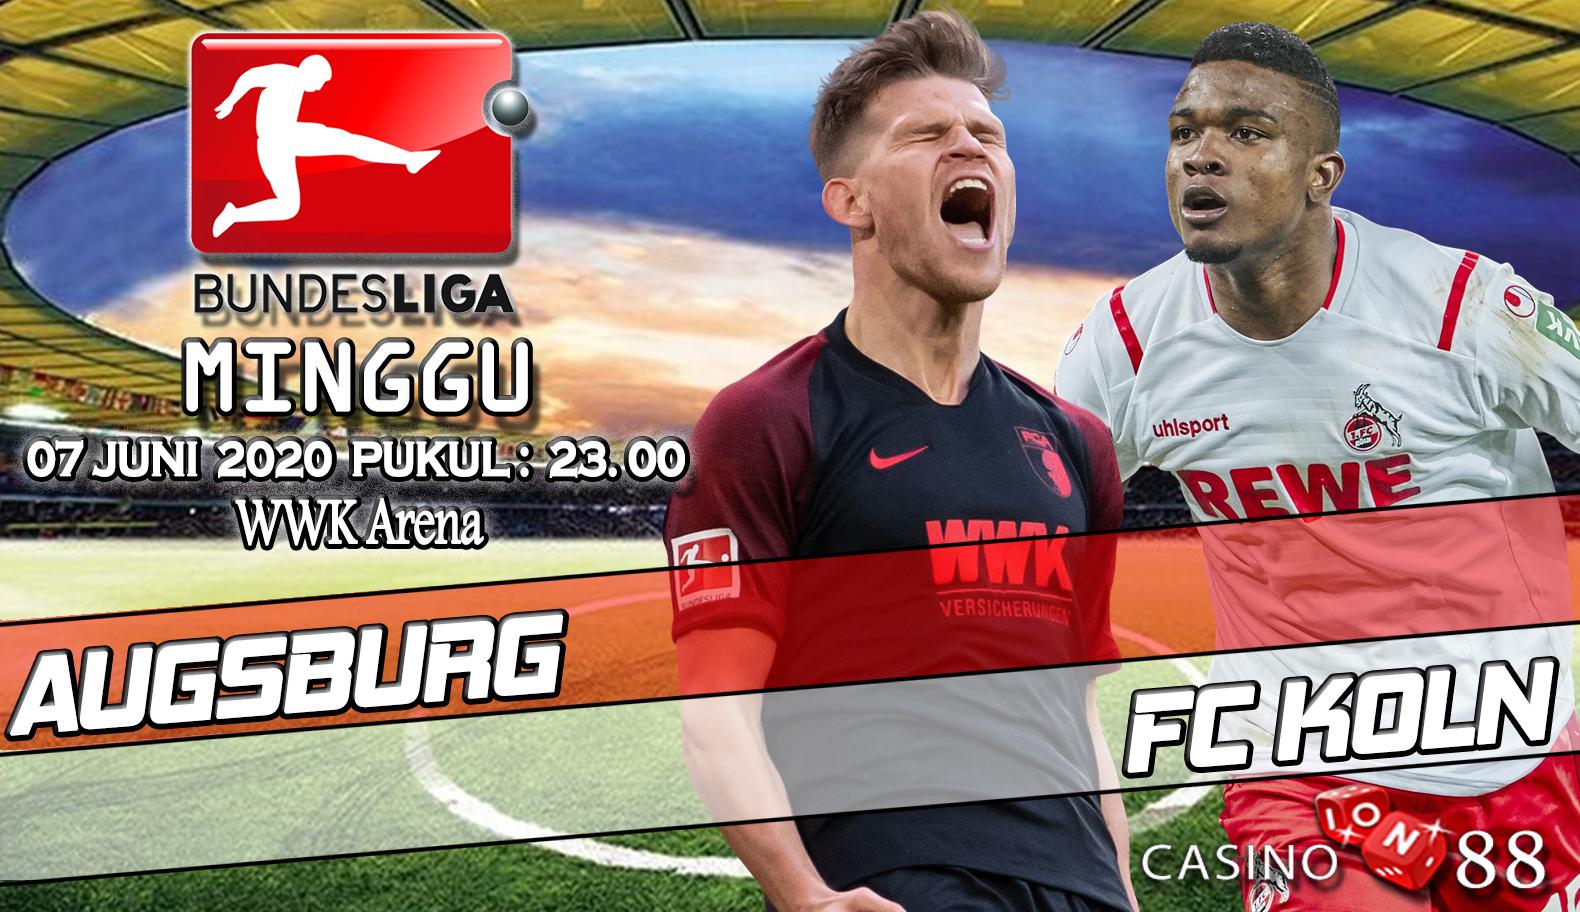 Fc Köln Augsburg